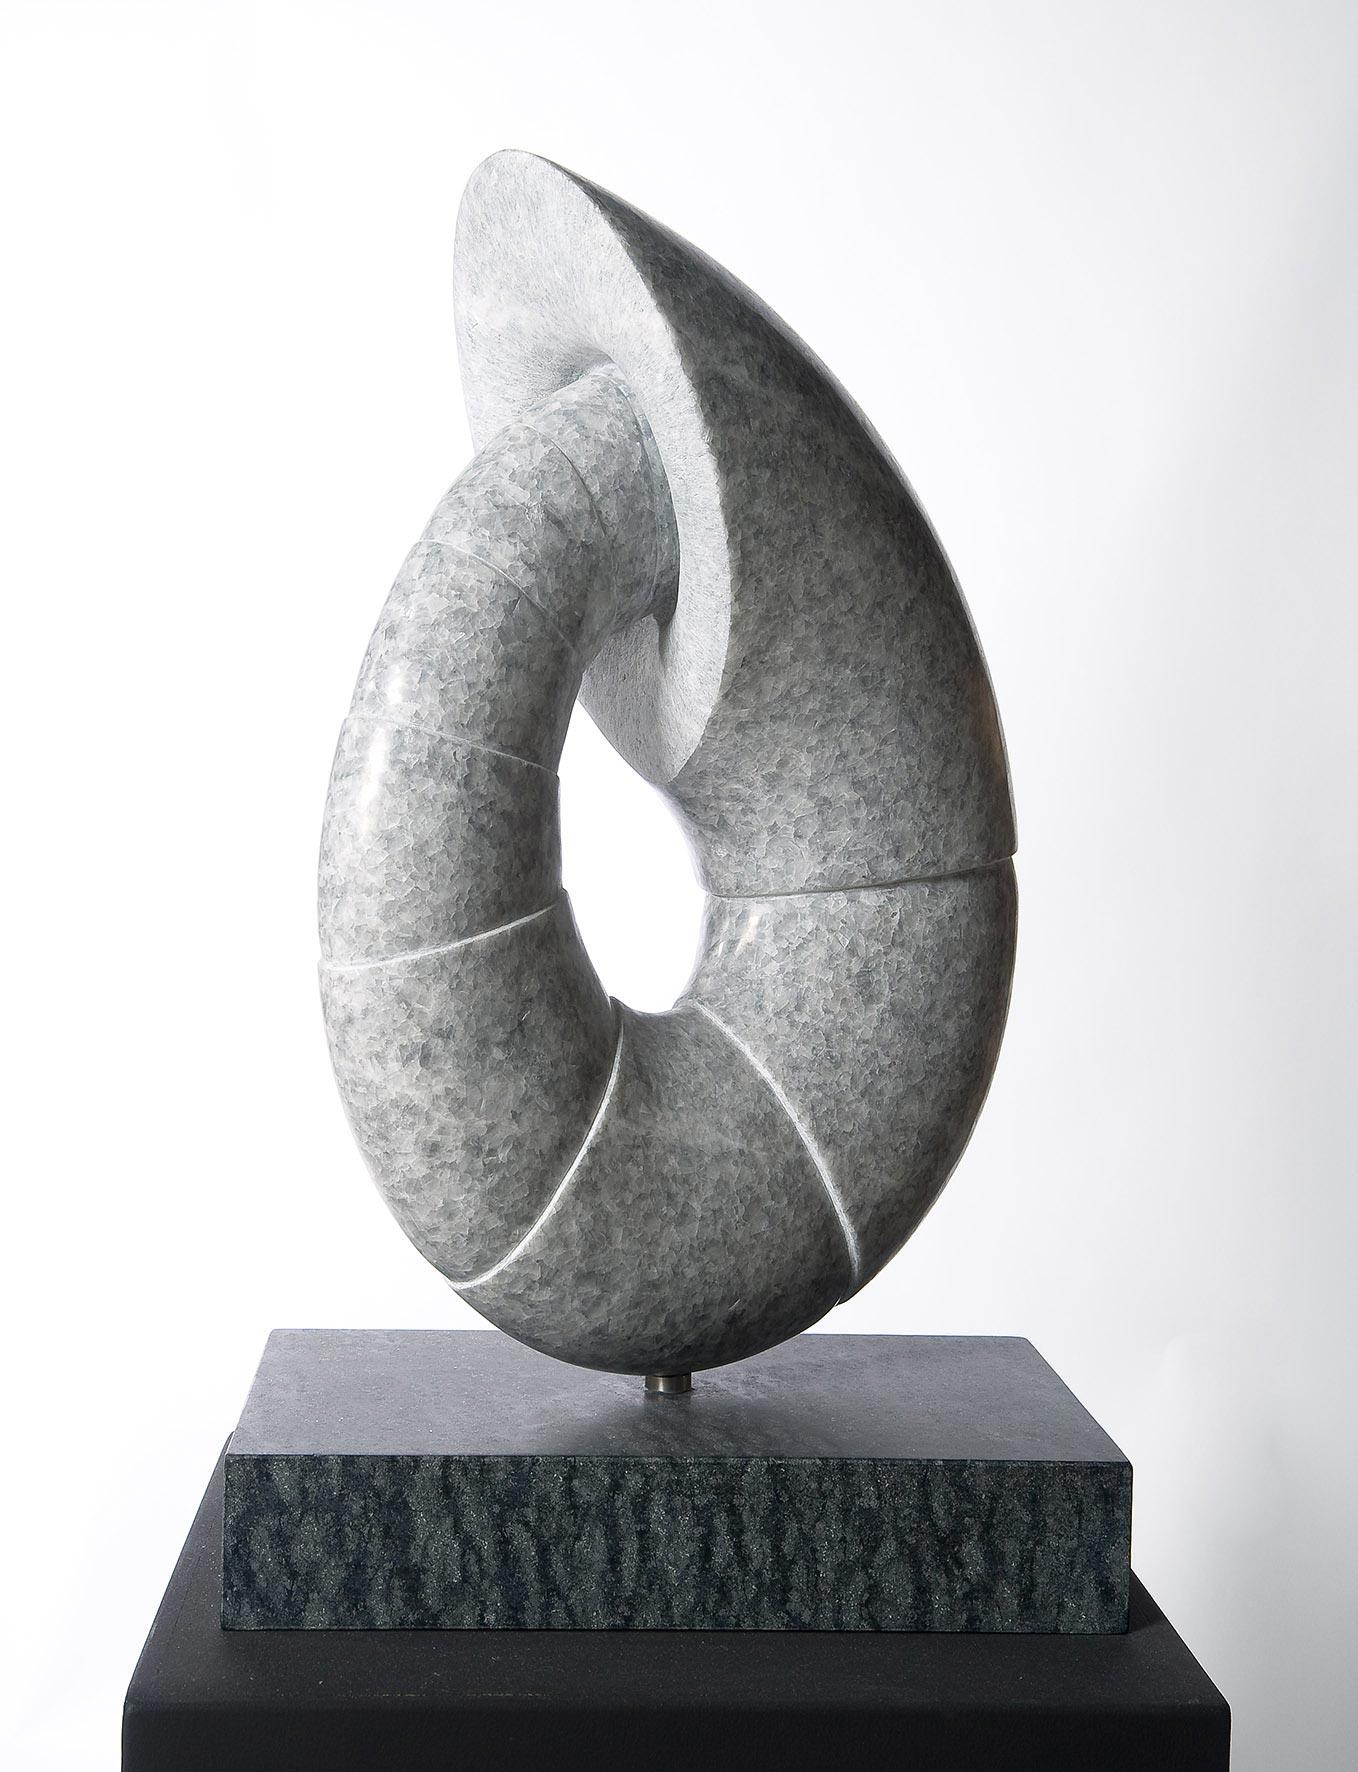 Shrimp, griech. Marmor, 60/35/15 cm